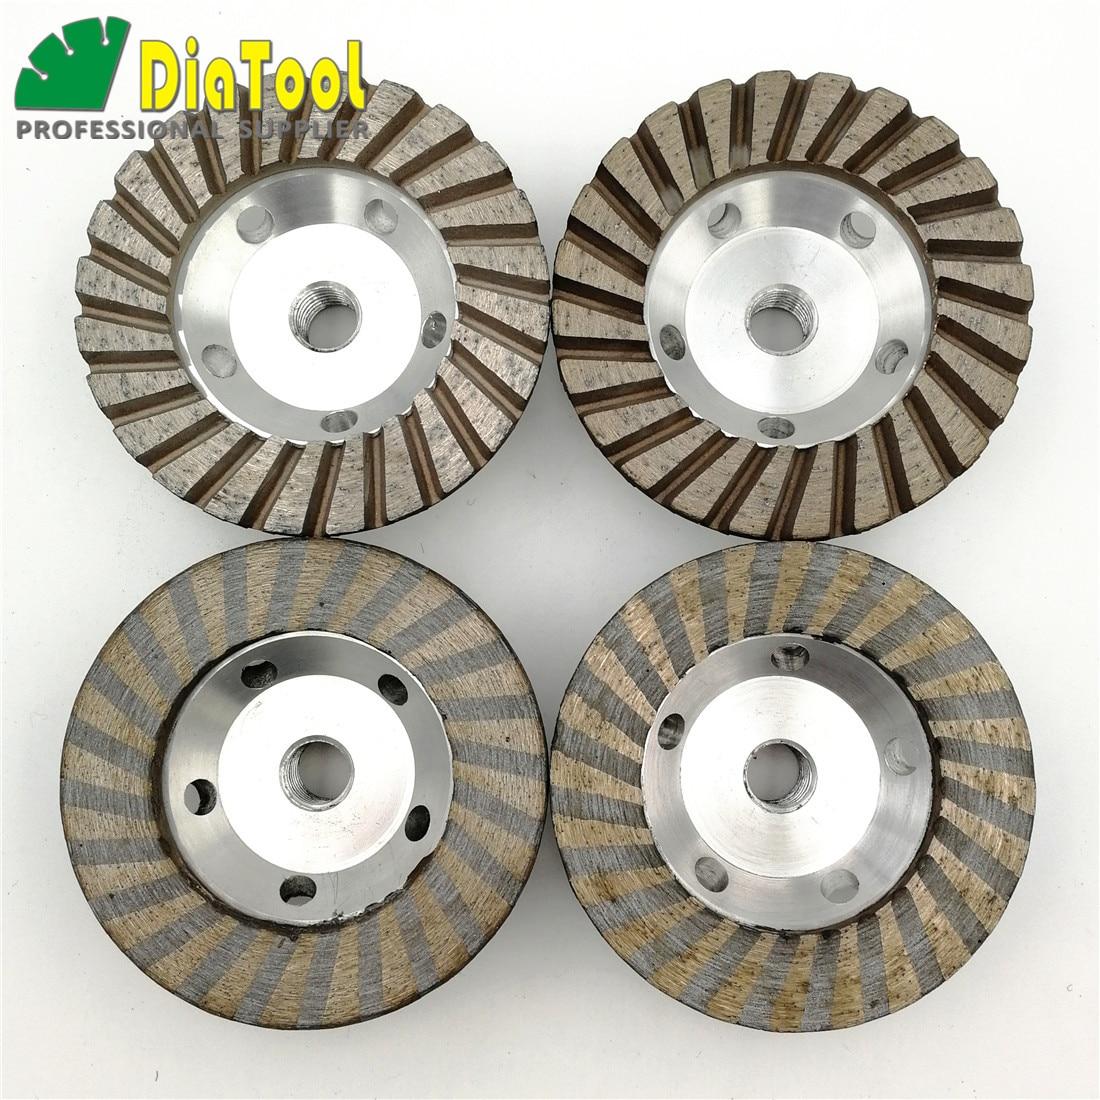 DIATOOL Diamètre 100mm À Base D'aluminium Broyage Coupe Roue 5/8-11 Fil Diamant disque De Meulage pour le Granit marbre béton brock